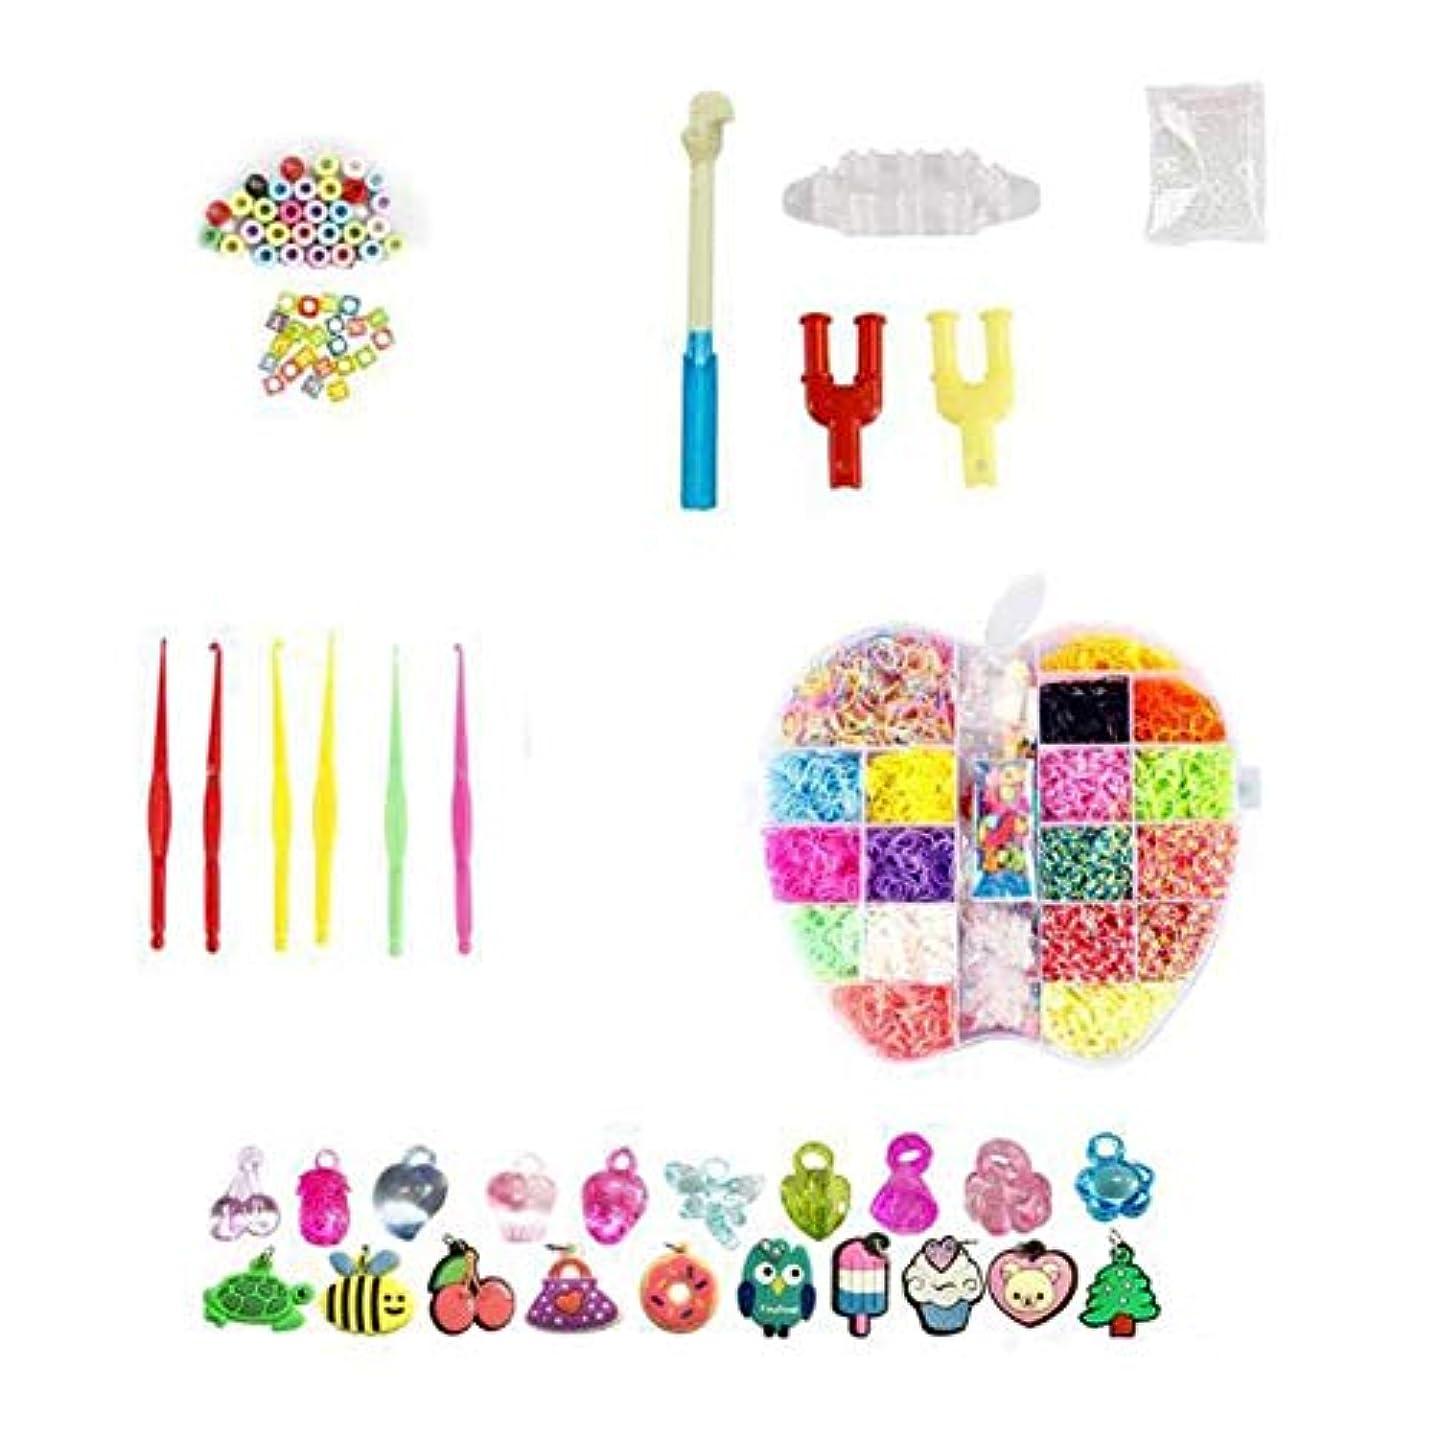 マルクス主義者ネズミ降ろすAnkishi 子供6000PCSのための虹の織機のゴムバンド結め換え品のキットDIYの編むおもちゃ